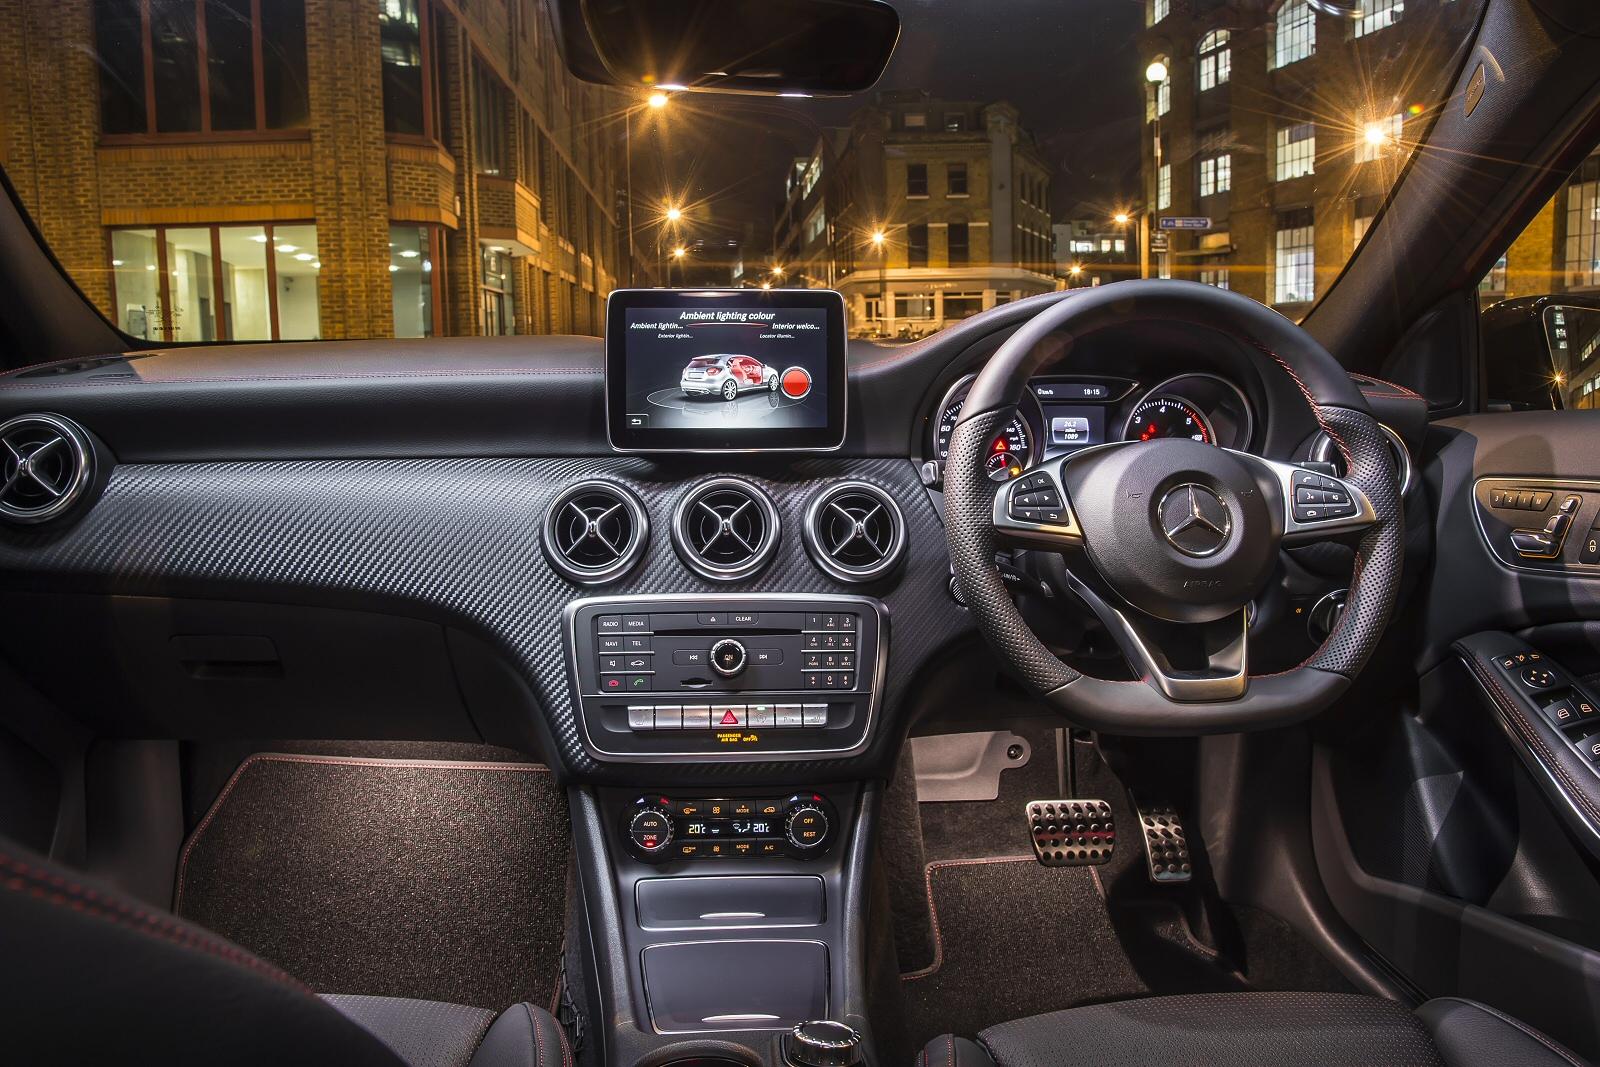 Mercedes Benz mercedes benz a class : New Mercedes-Benz A-Class A200 Sport Edition 5Dr Petrol Hatchback ...